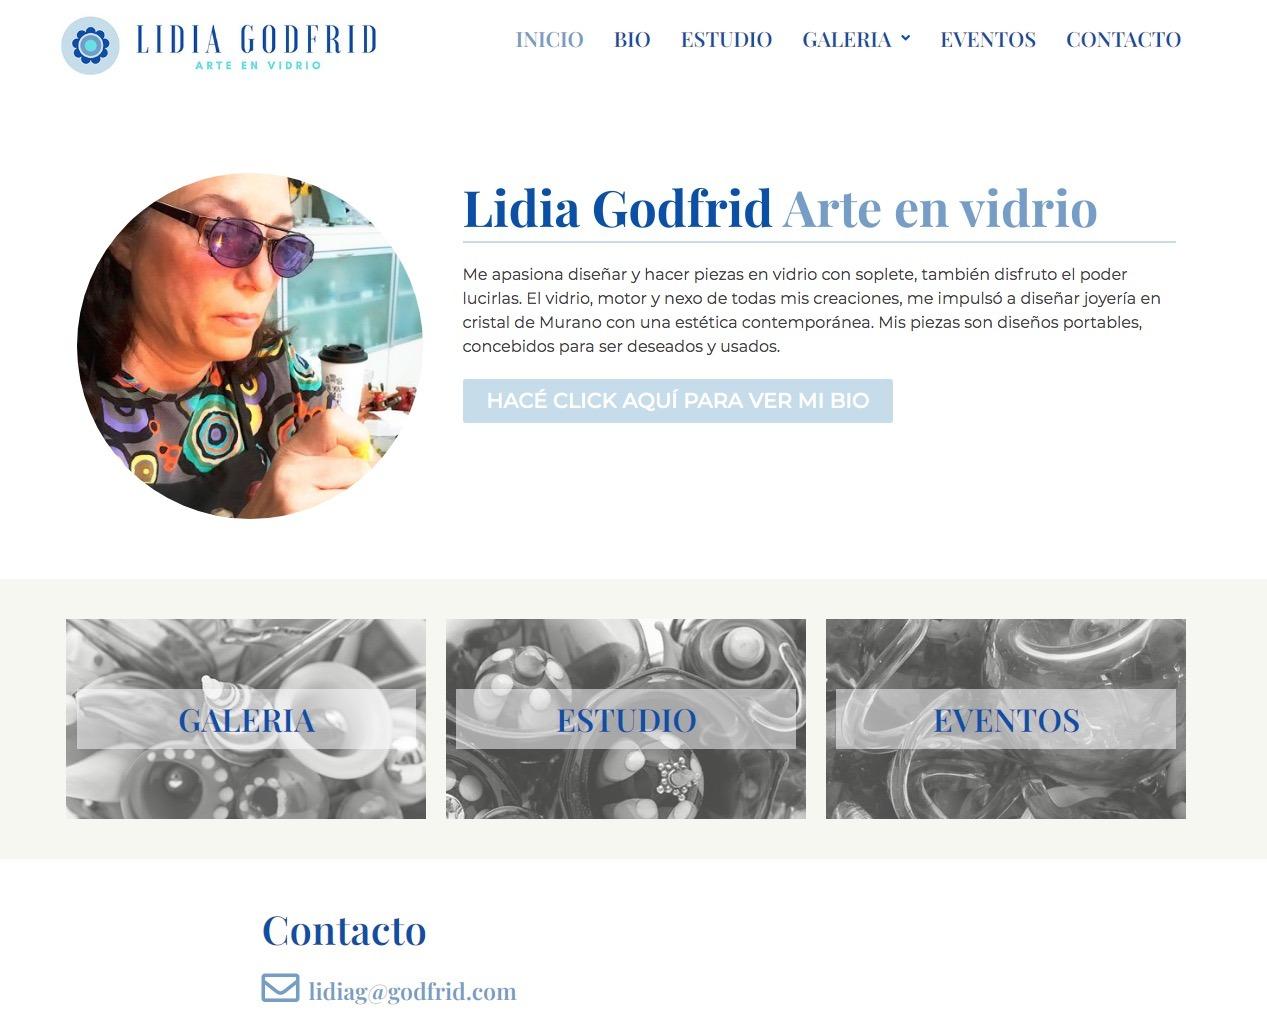 Tienda online - LidiaGodfrid ArteEnVidrio